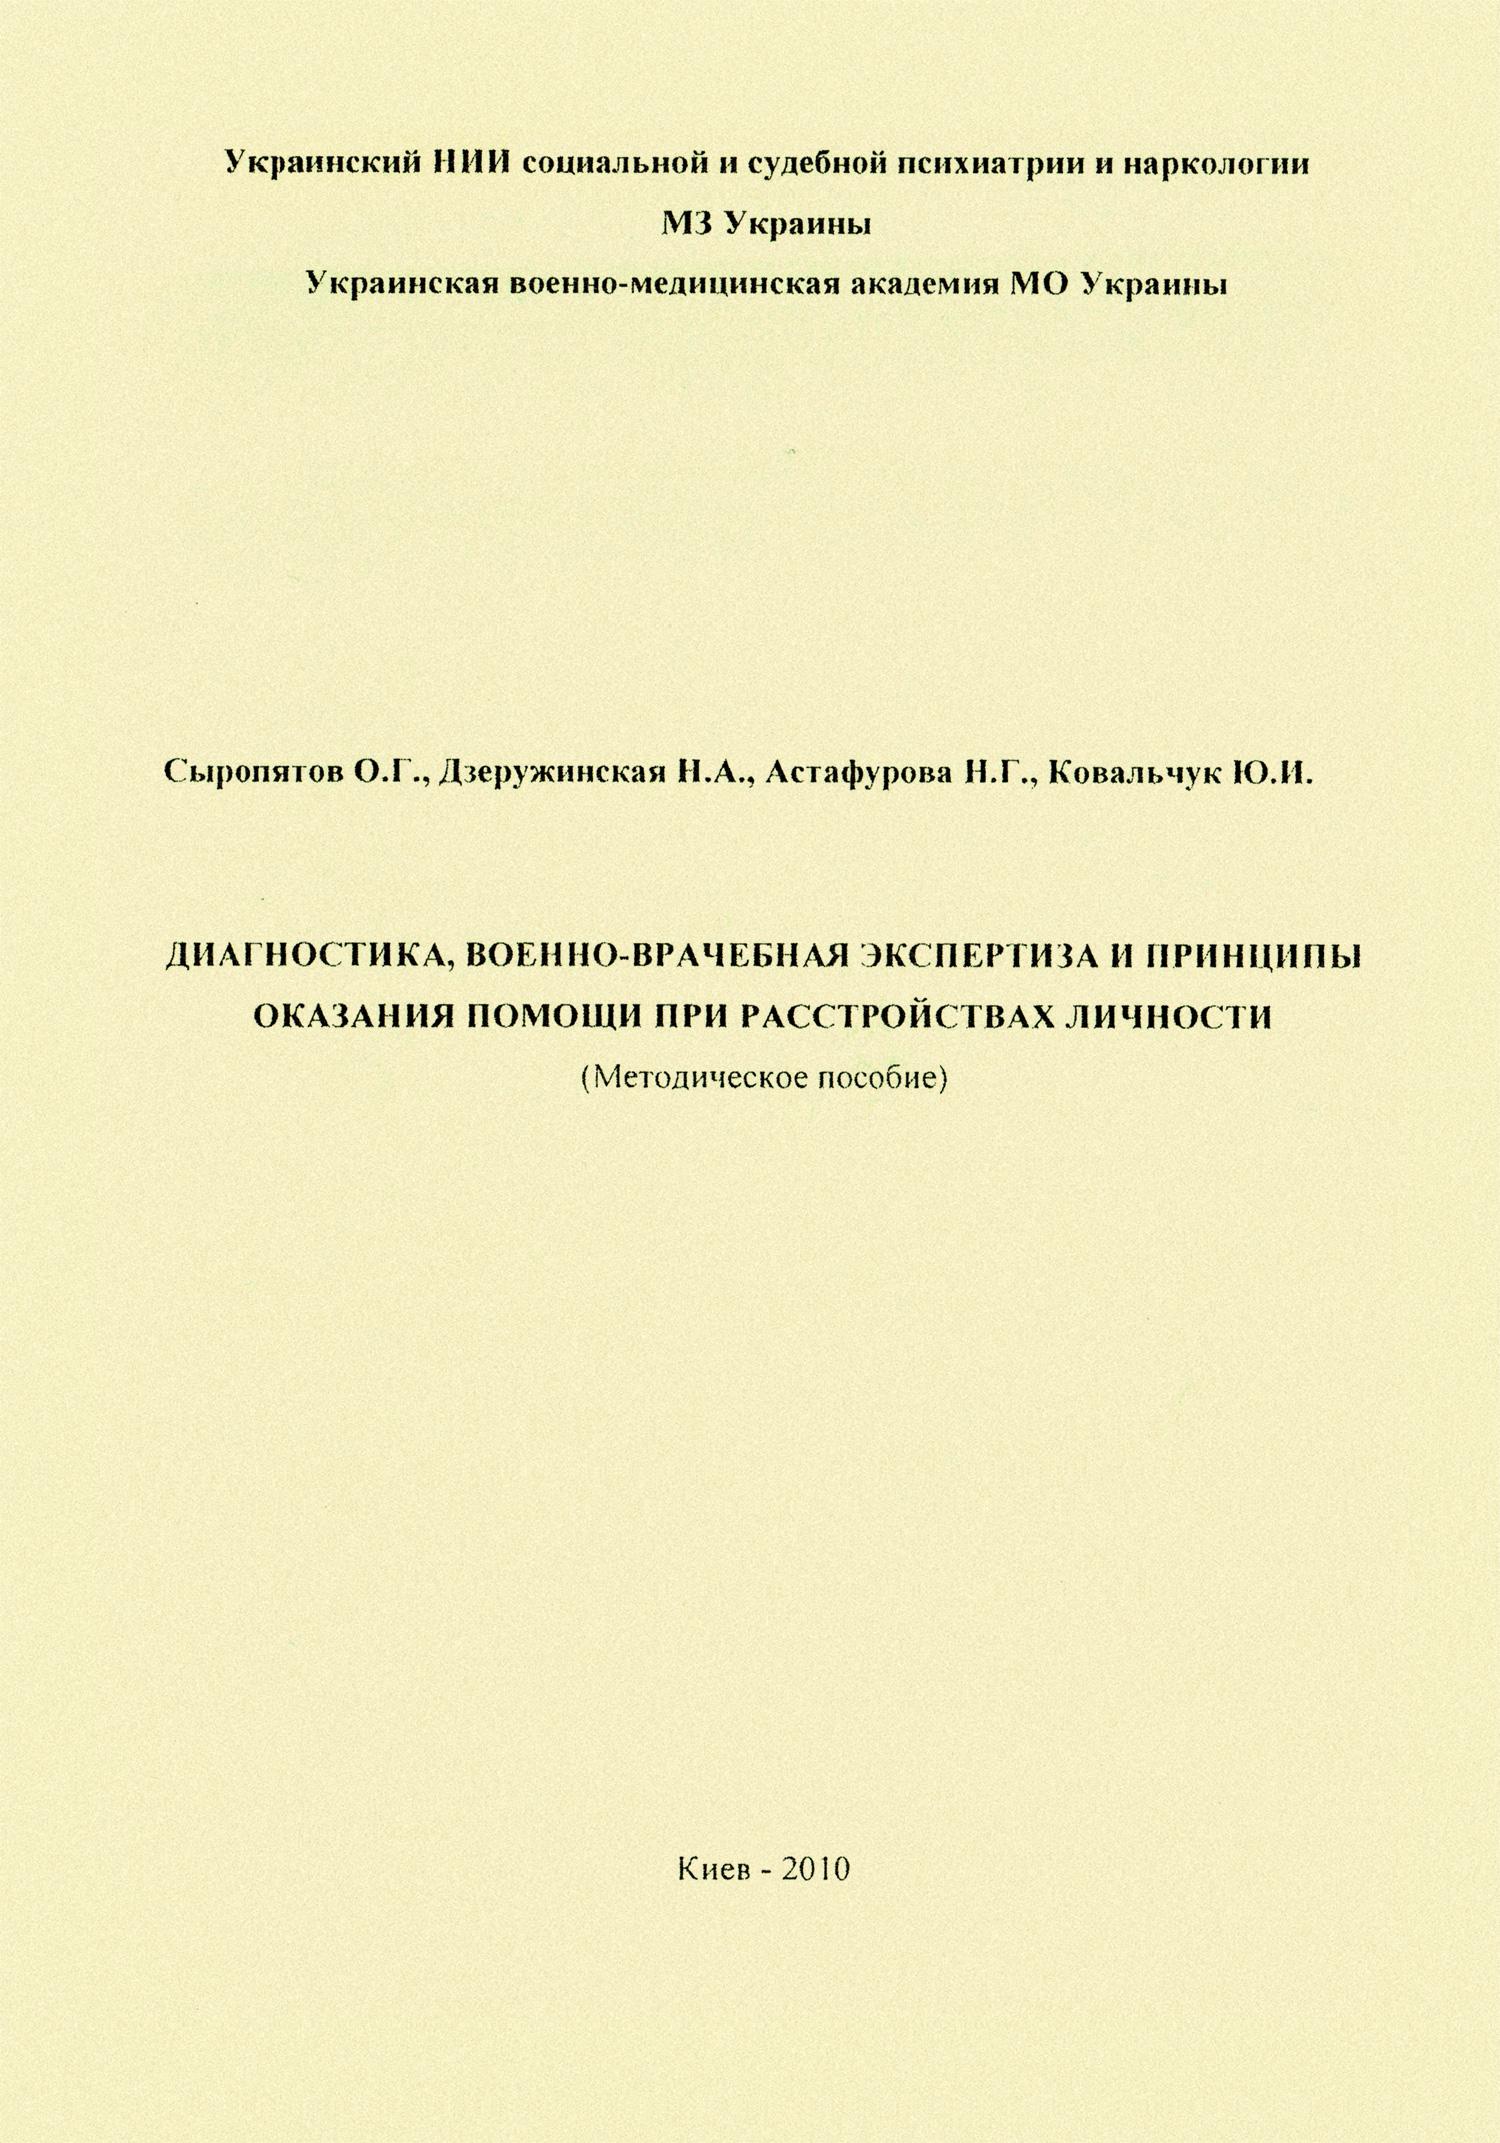 О. Г. Сыропятов Диагностика, военно-врачебная экспертиза и принципы оказания помощи при расстройствах личности: методическое пособие